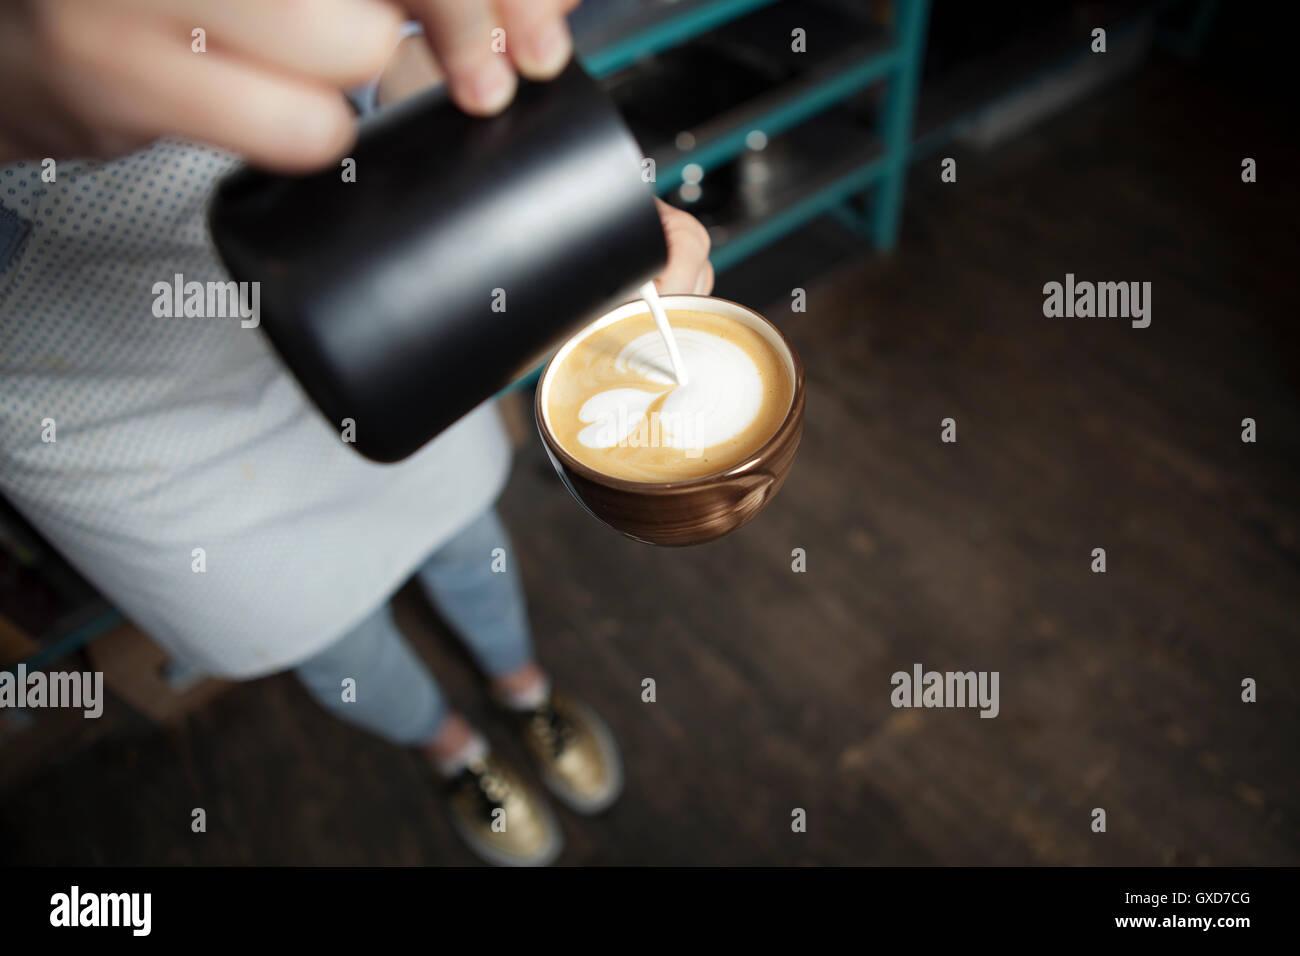 Come fare latte art da barista focus nel latte e caffè Immagini Stock